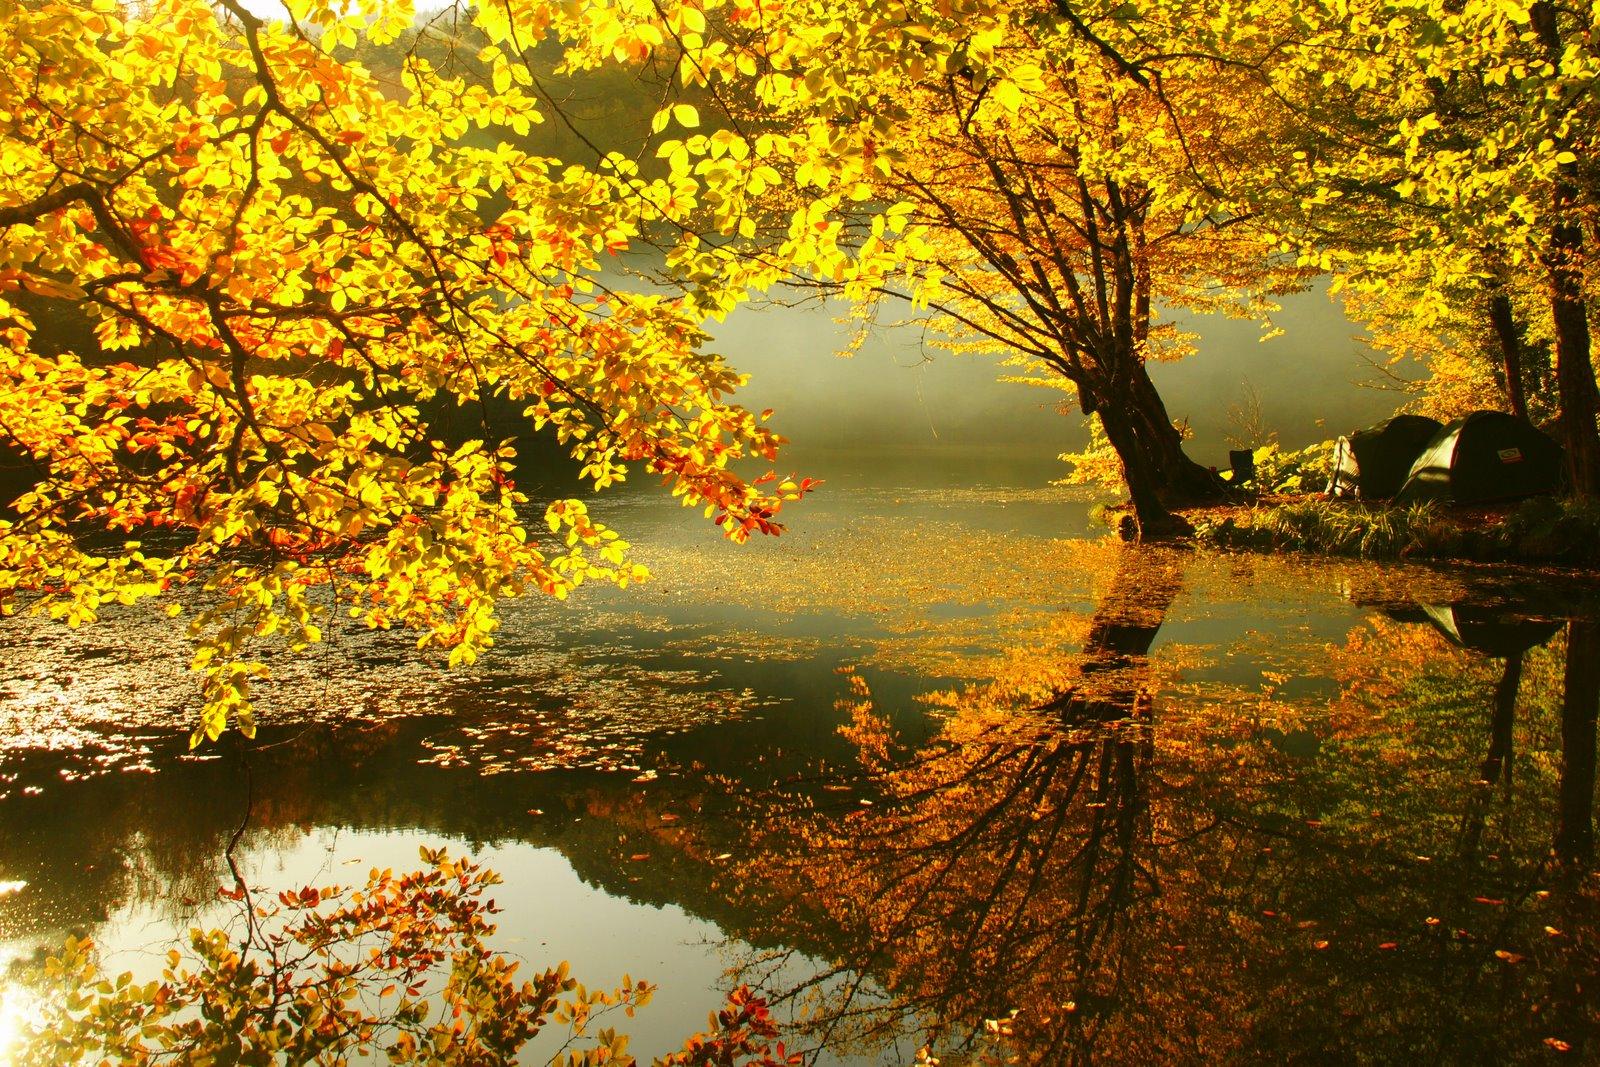 High Definition Fall Wallpaper: Bimages.Net - Free Full HD Desktop Wallpapers